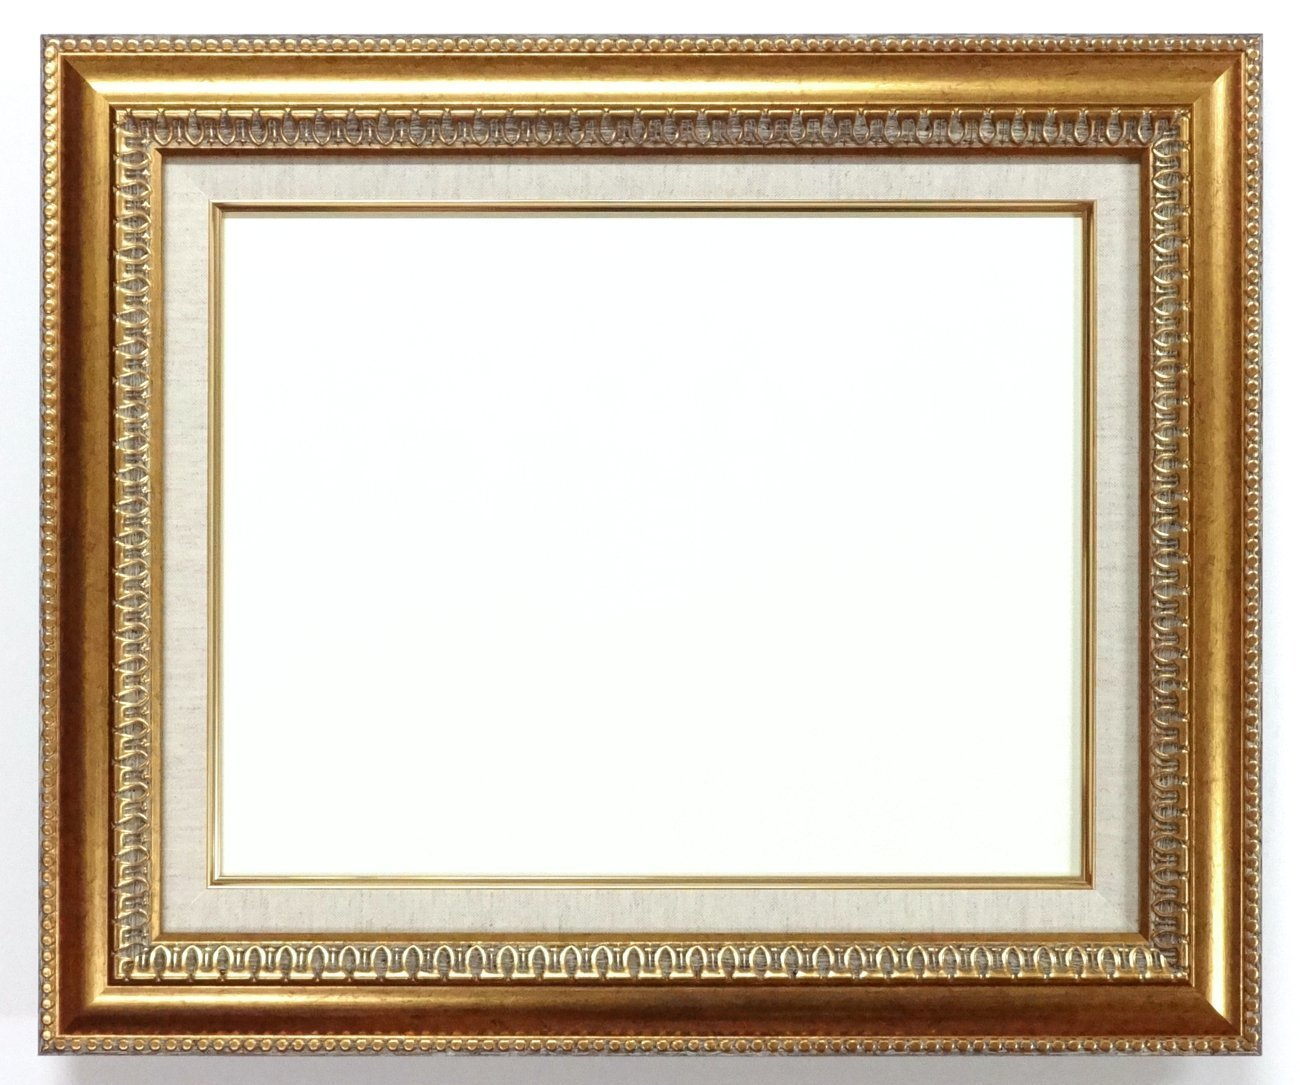 大額 油彩用額縁 9631 アクリル仕様 壁用フック付 (F10, ゴールド) B01MYM1TBQ F10|ゴールド ゴールド F10